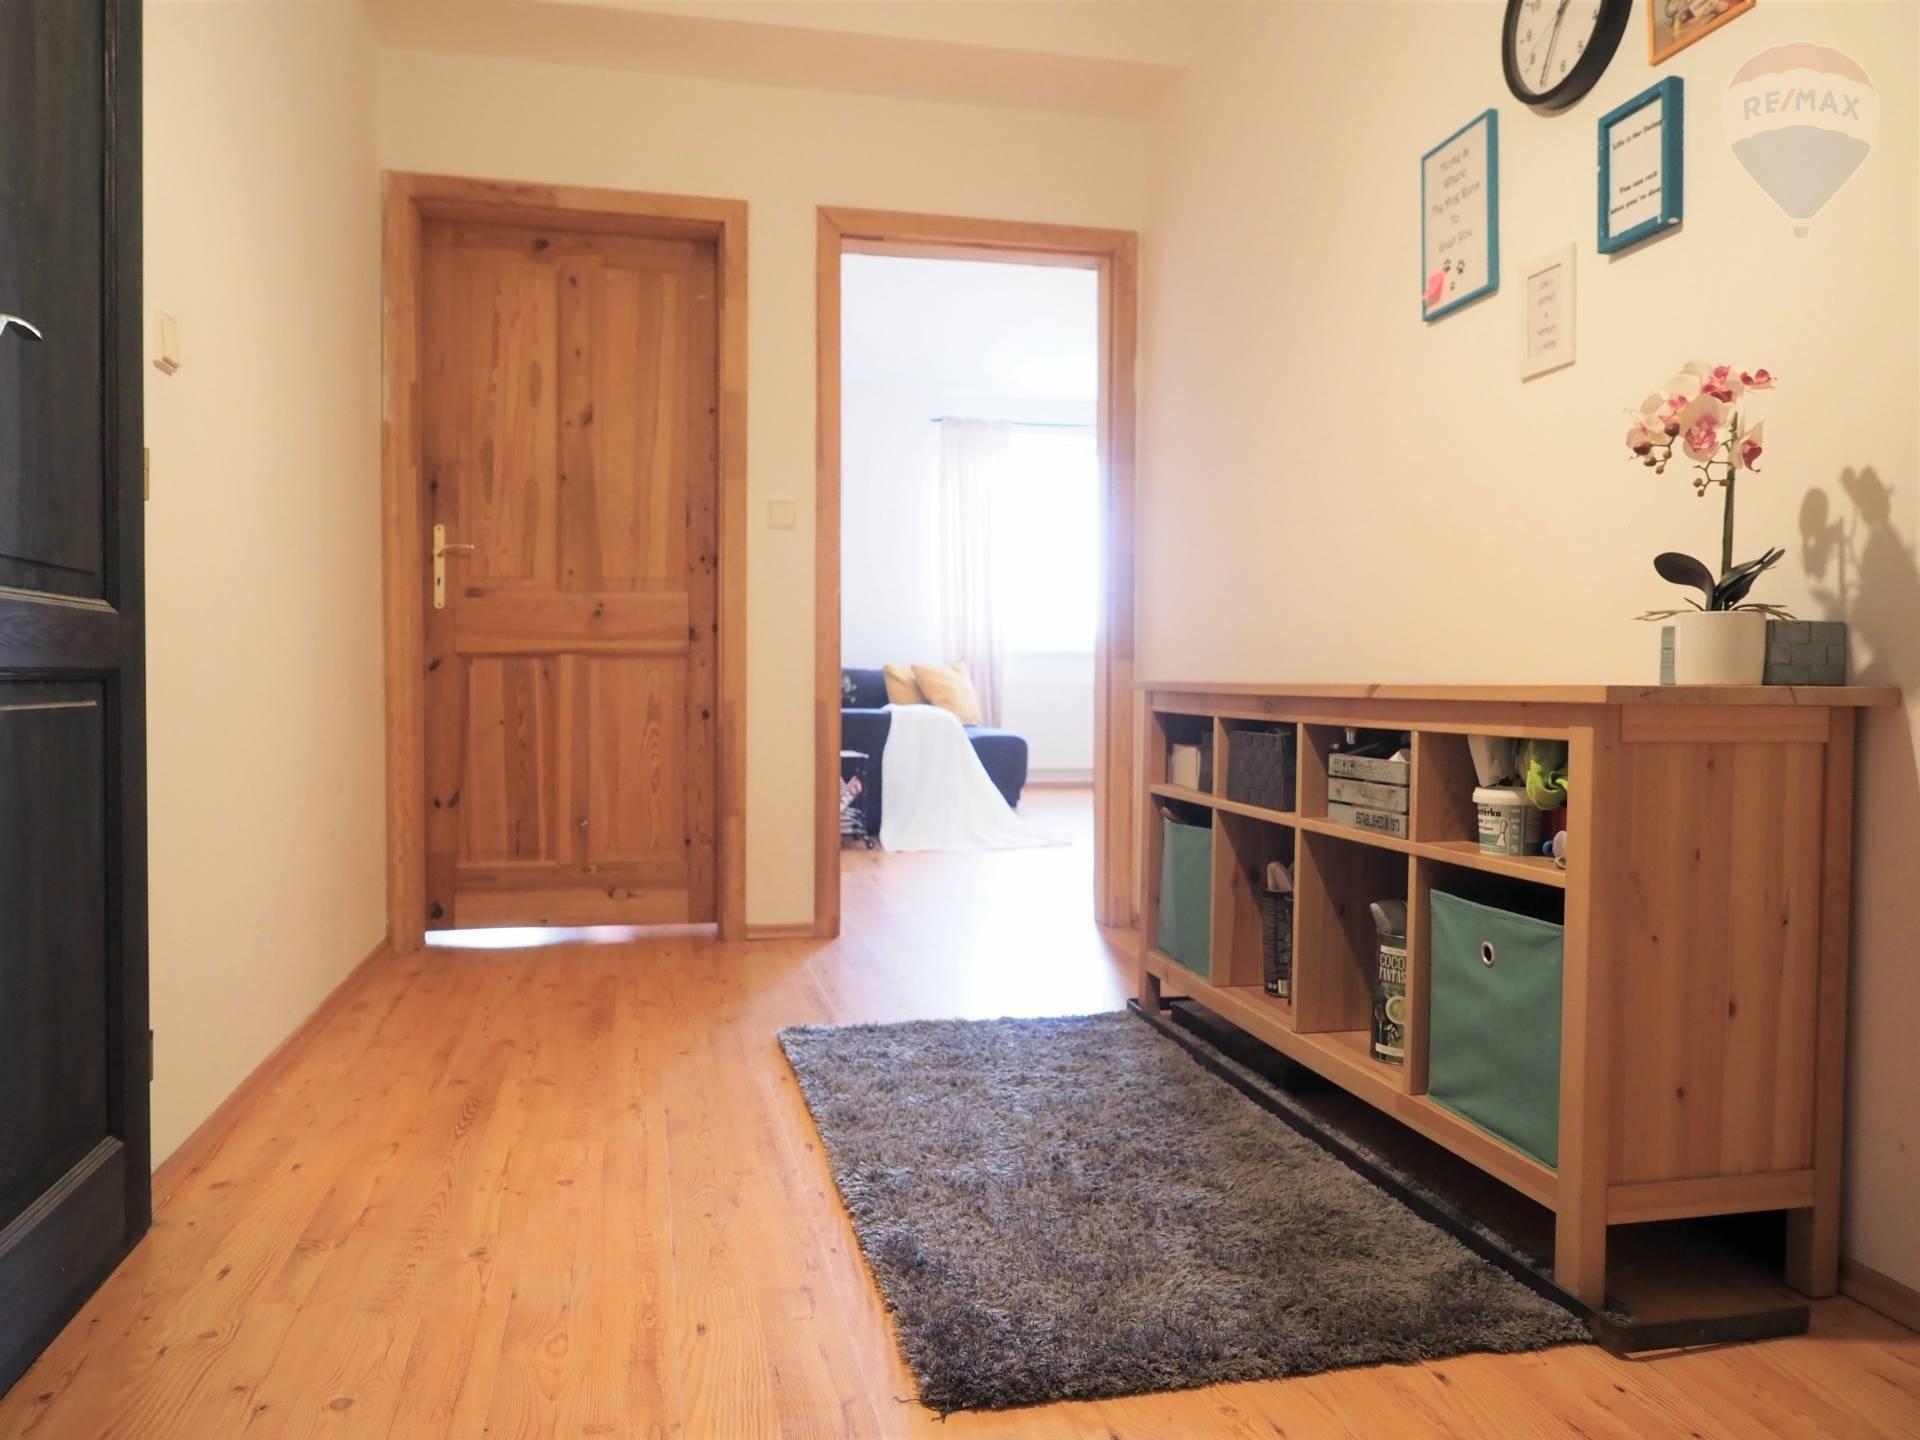 Predaj veľkometrážneho 2 izbového bytu /76 m2/ v 14 ročnom bytovom dome, Budatínska ulica